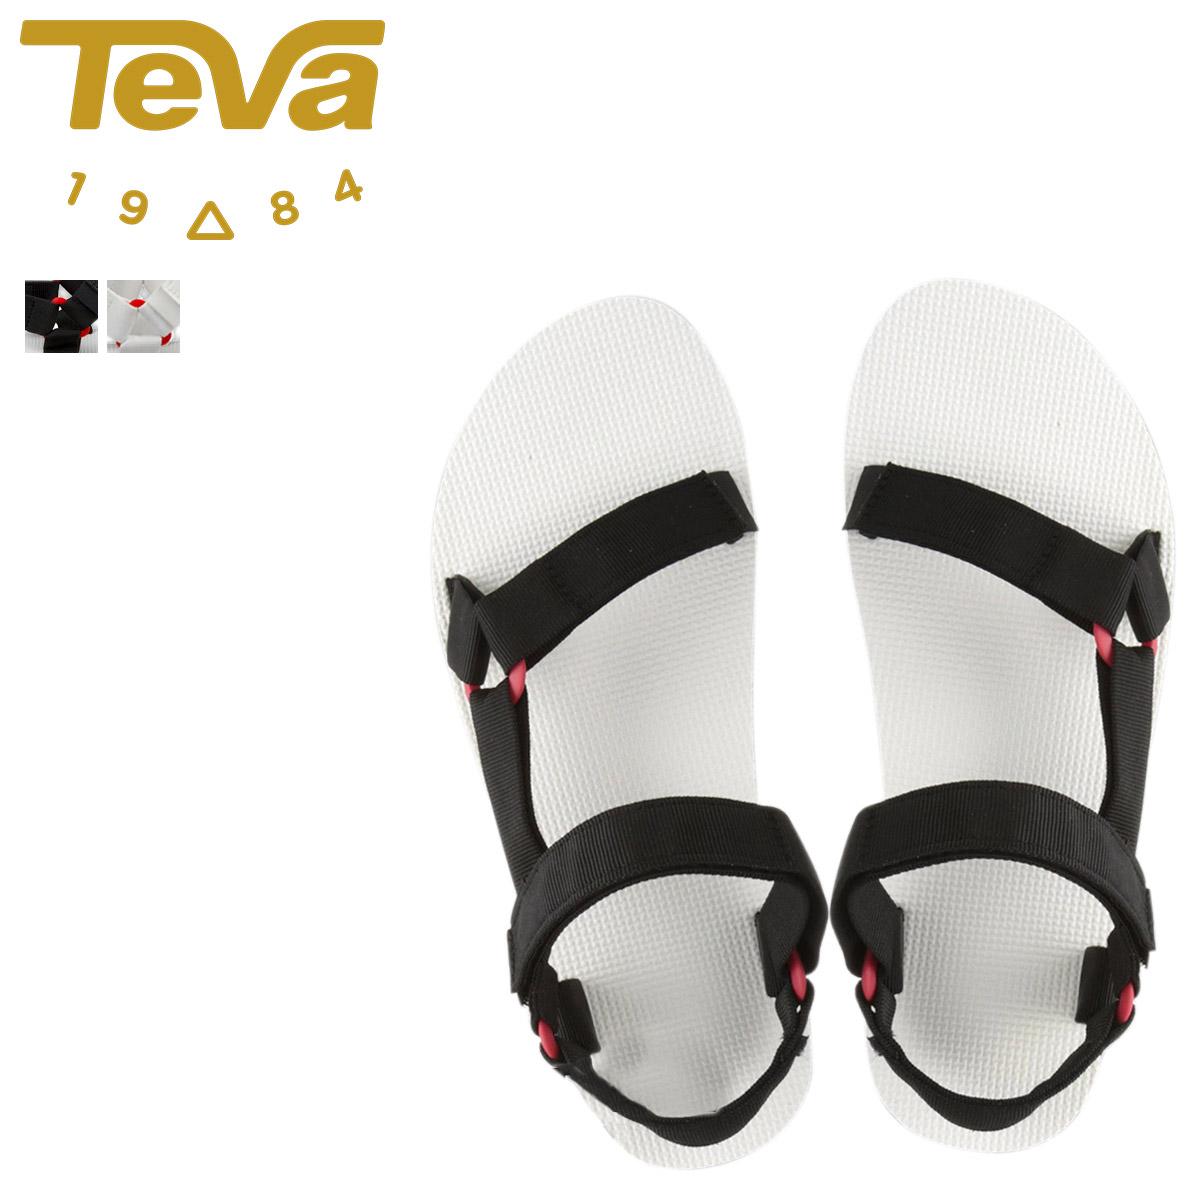 36ccb568d456d8 ALLSPORTS  Teva Teva Sandals original universal sport mens M ...